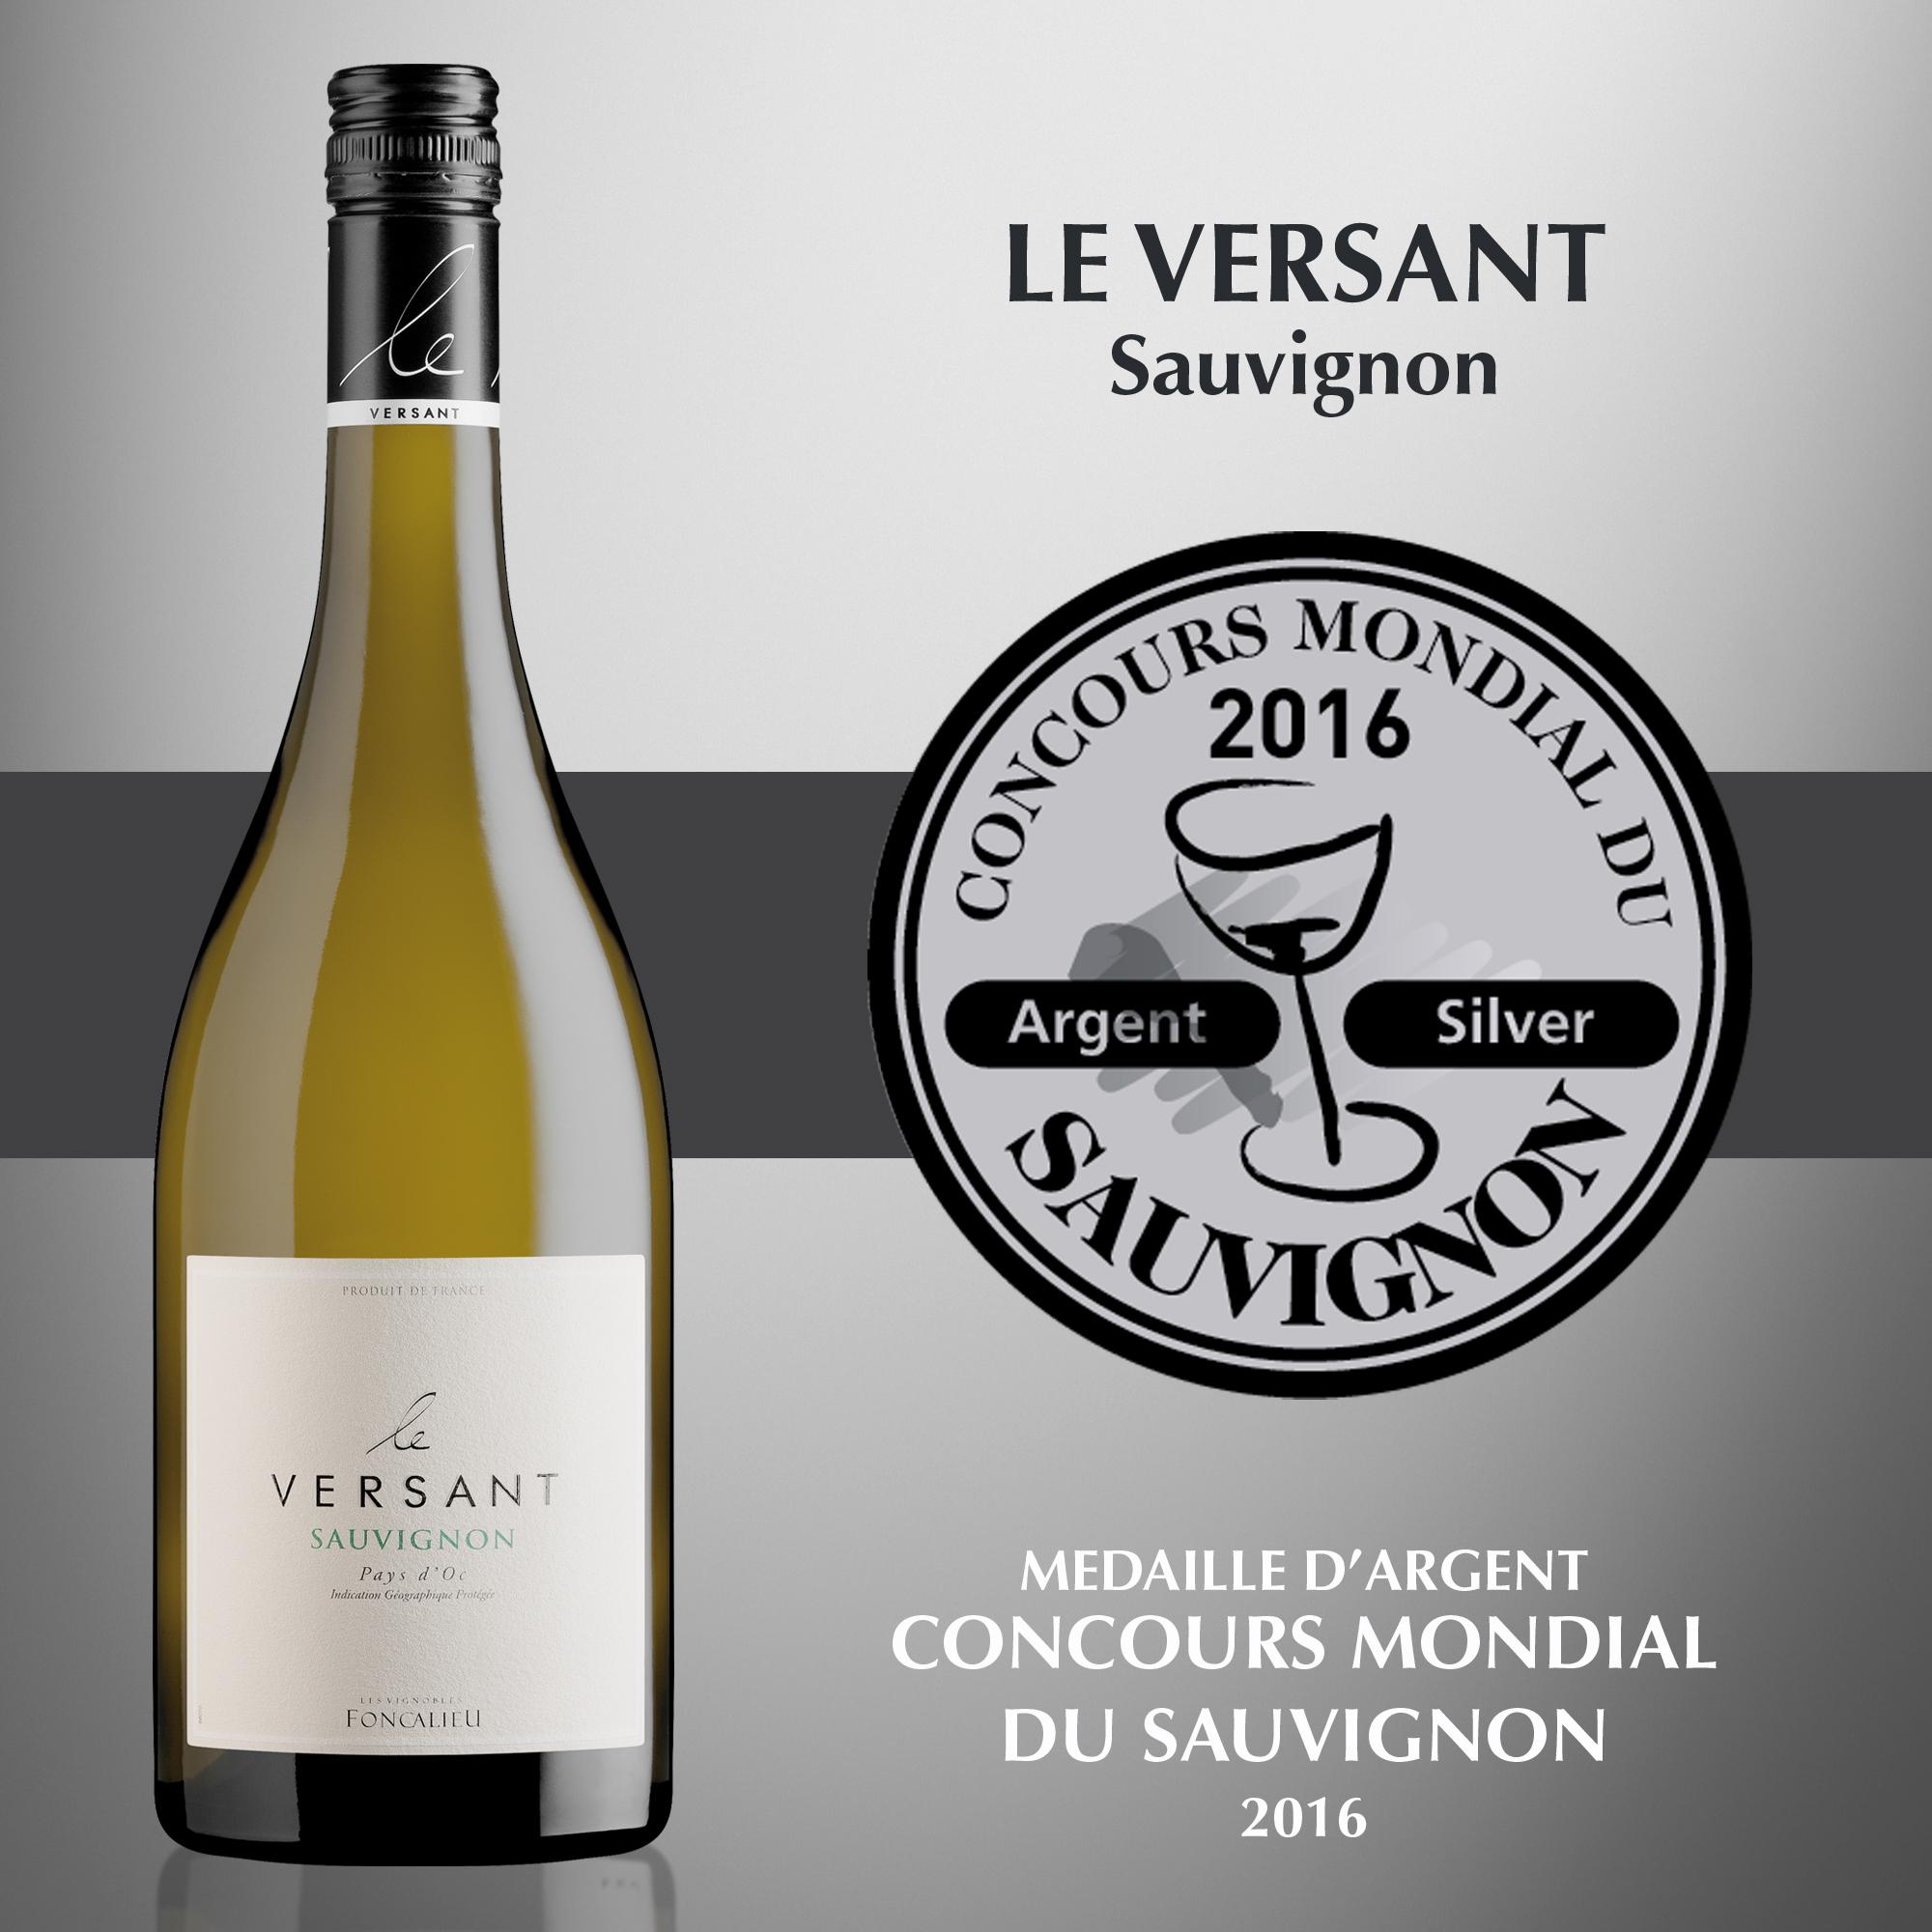 Le Versant Sauvignon - IGP Pays d'Oc